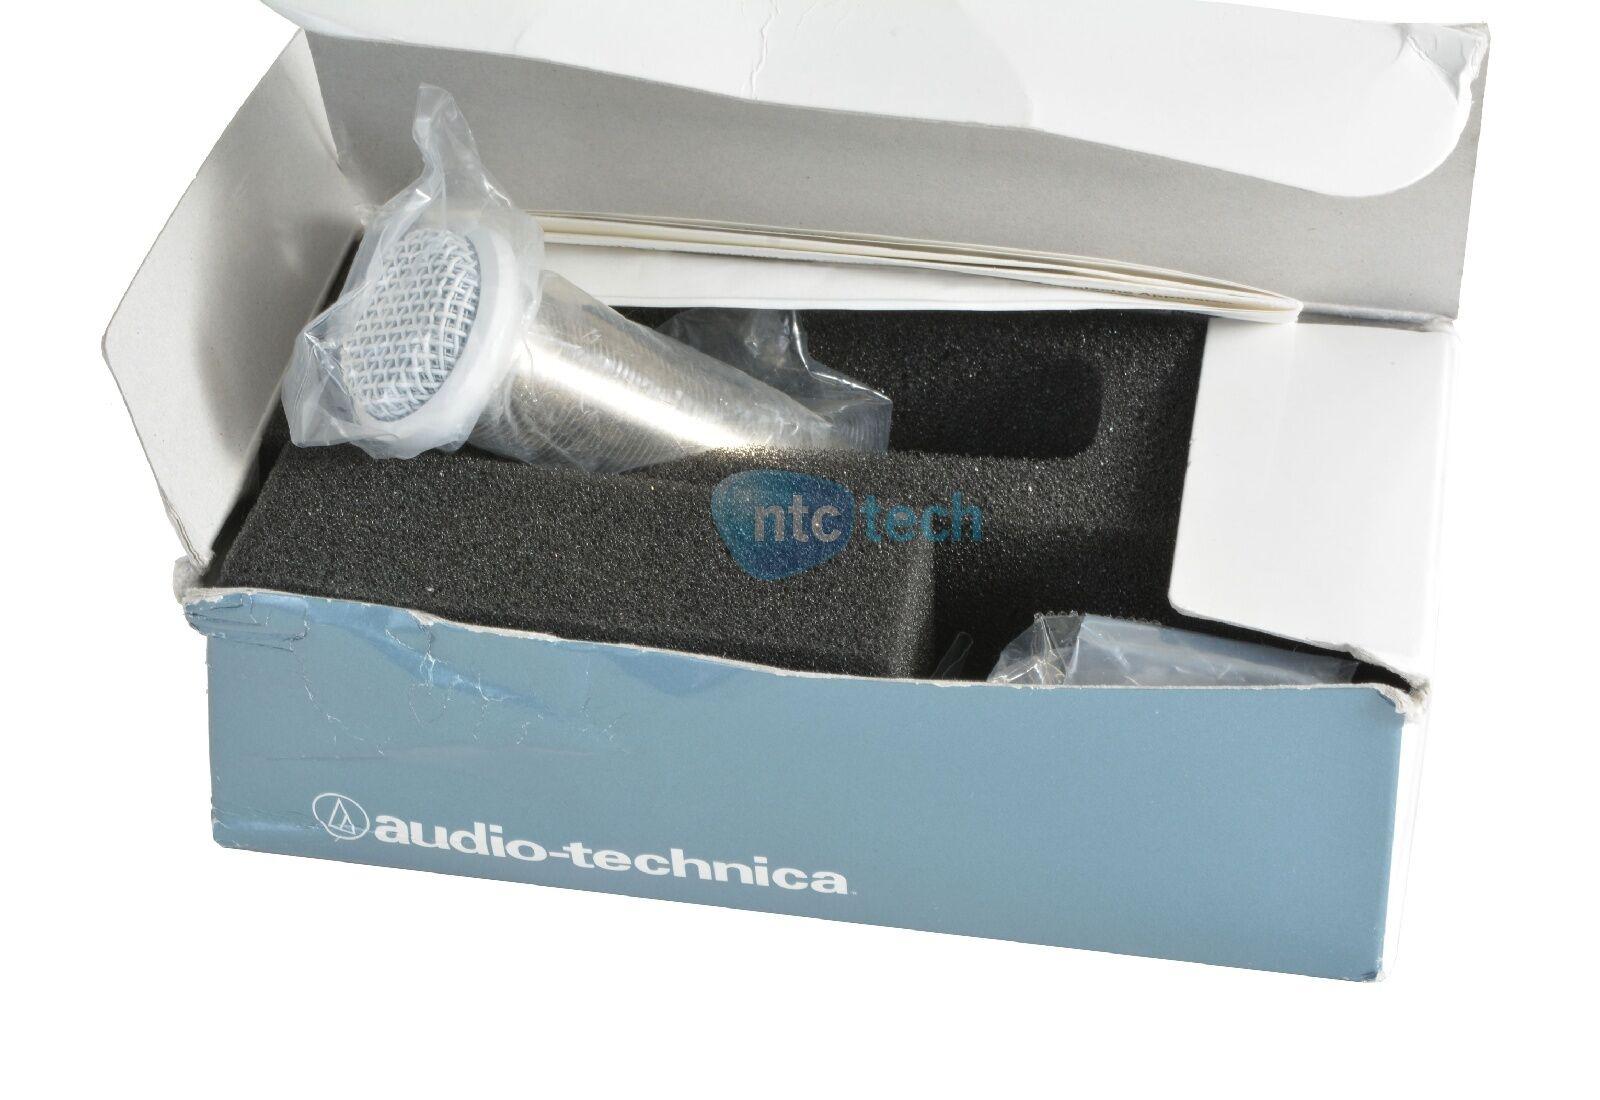 Audio Technica De Condensador Omnidireccional amurallado amurallado amurallado de micrófono blancoo Es945w  entrega de rayos